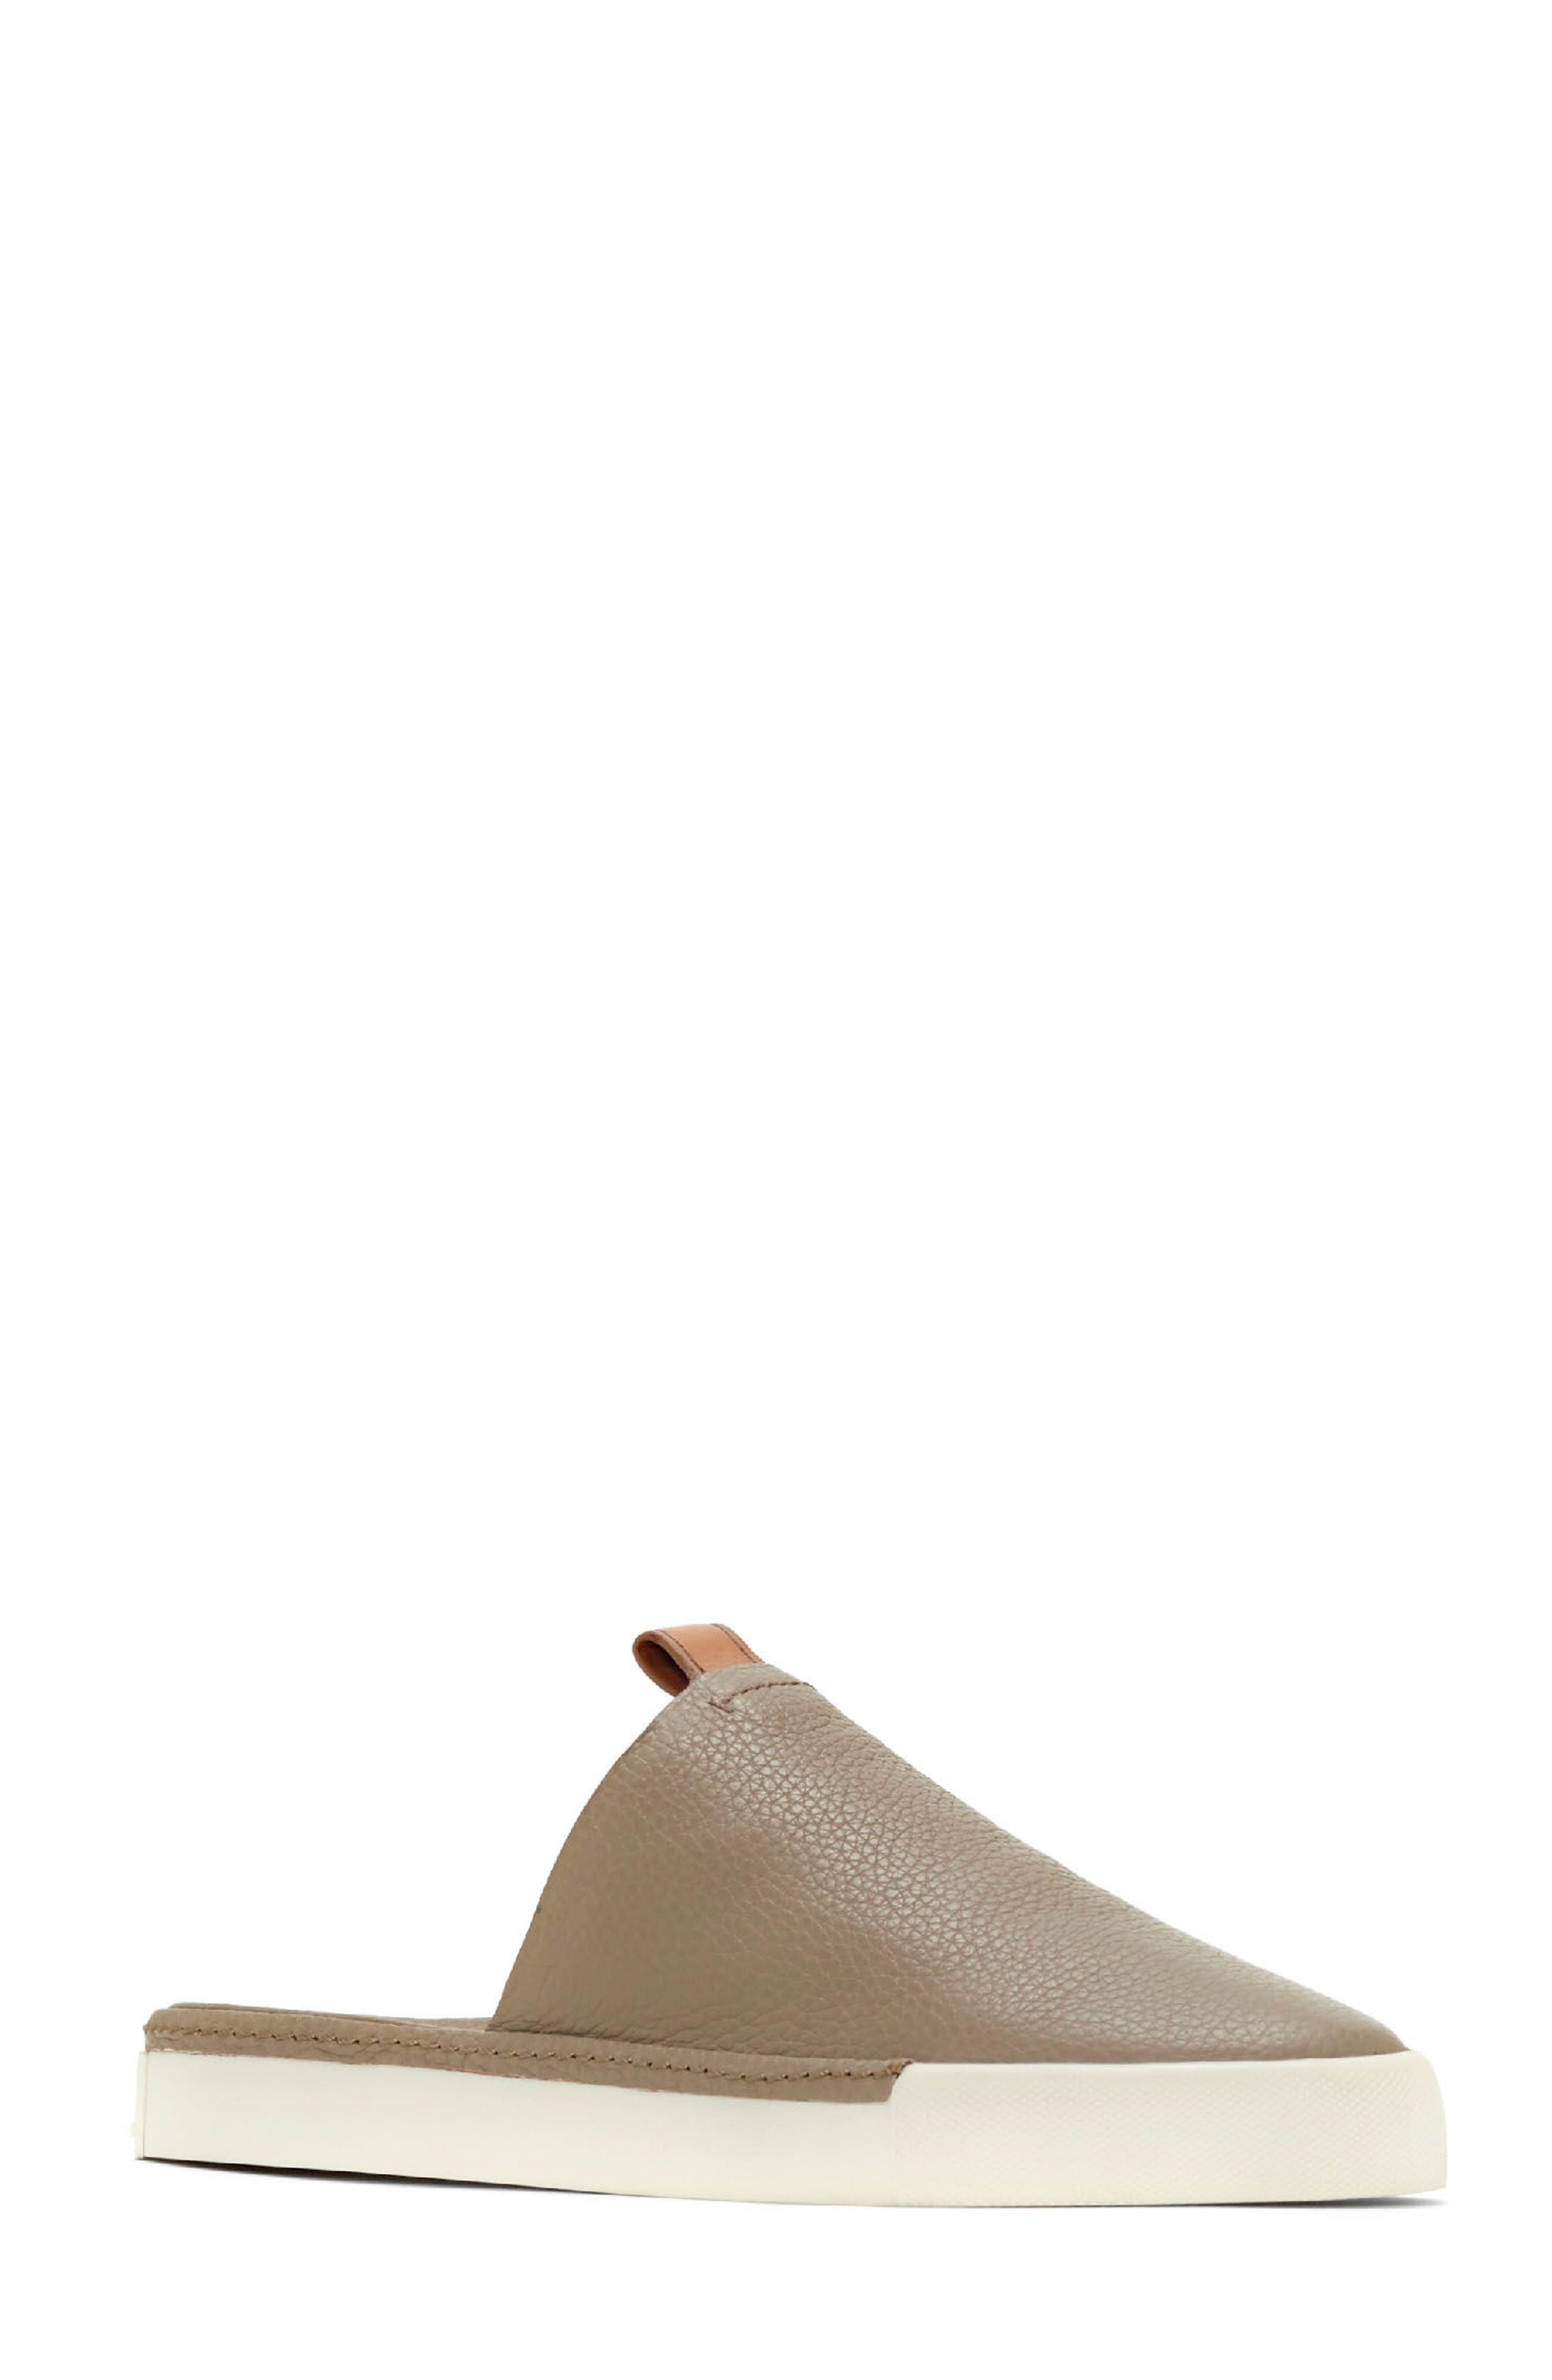 Alternate Image 1 Selected - Mercedes Castillo Janna Backless Sneaker (Women)